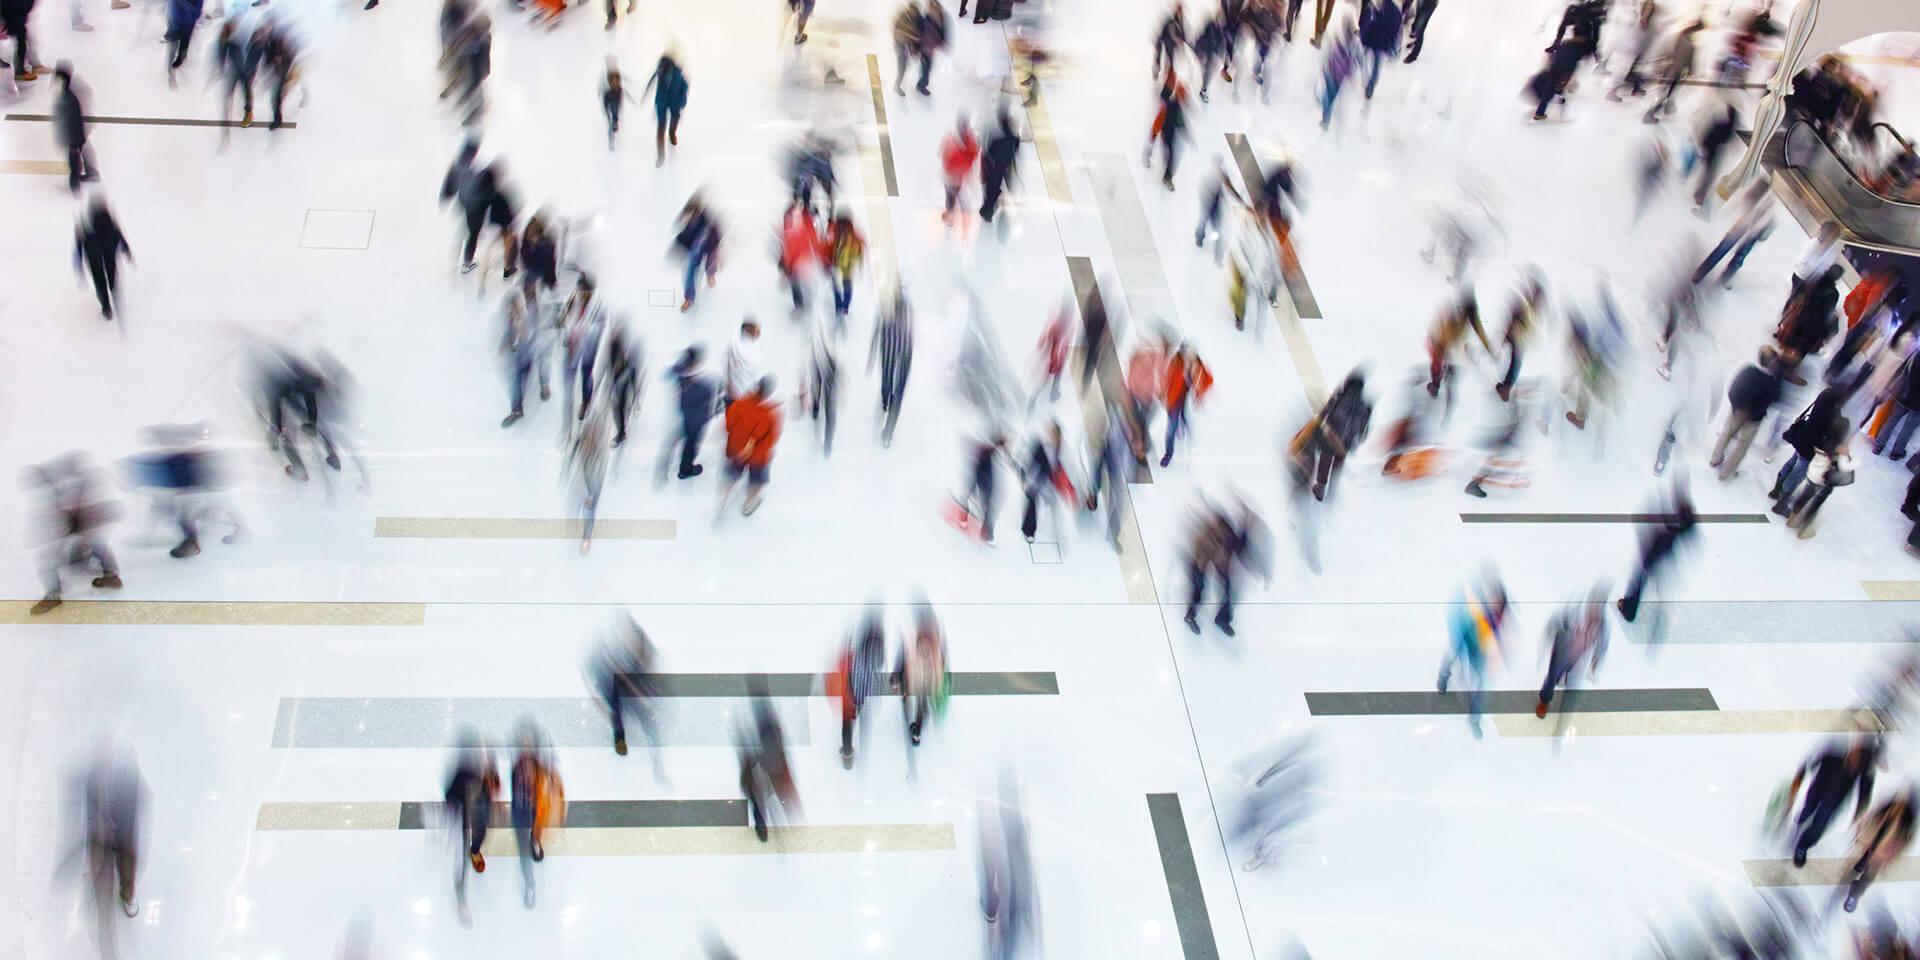 Menschen auf einem Platz